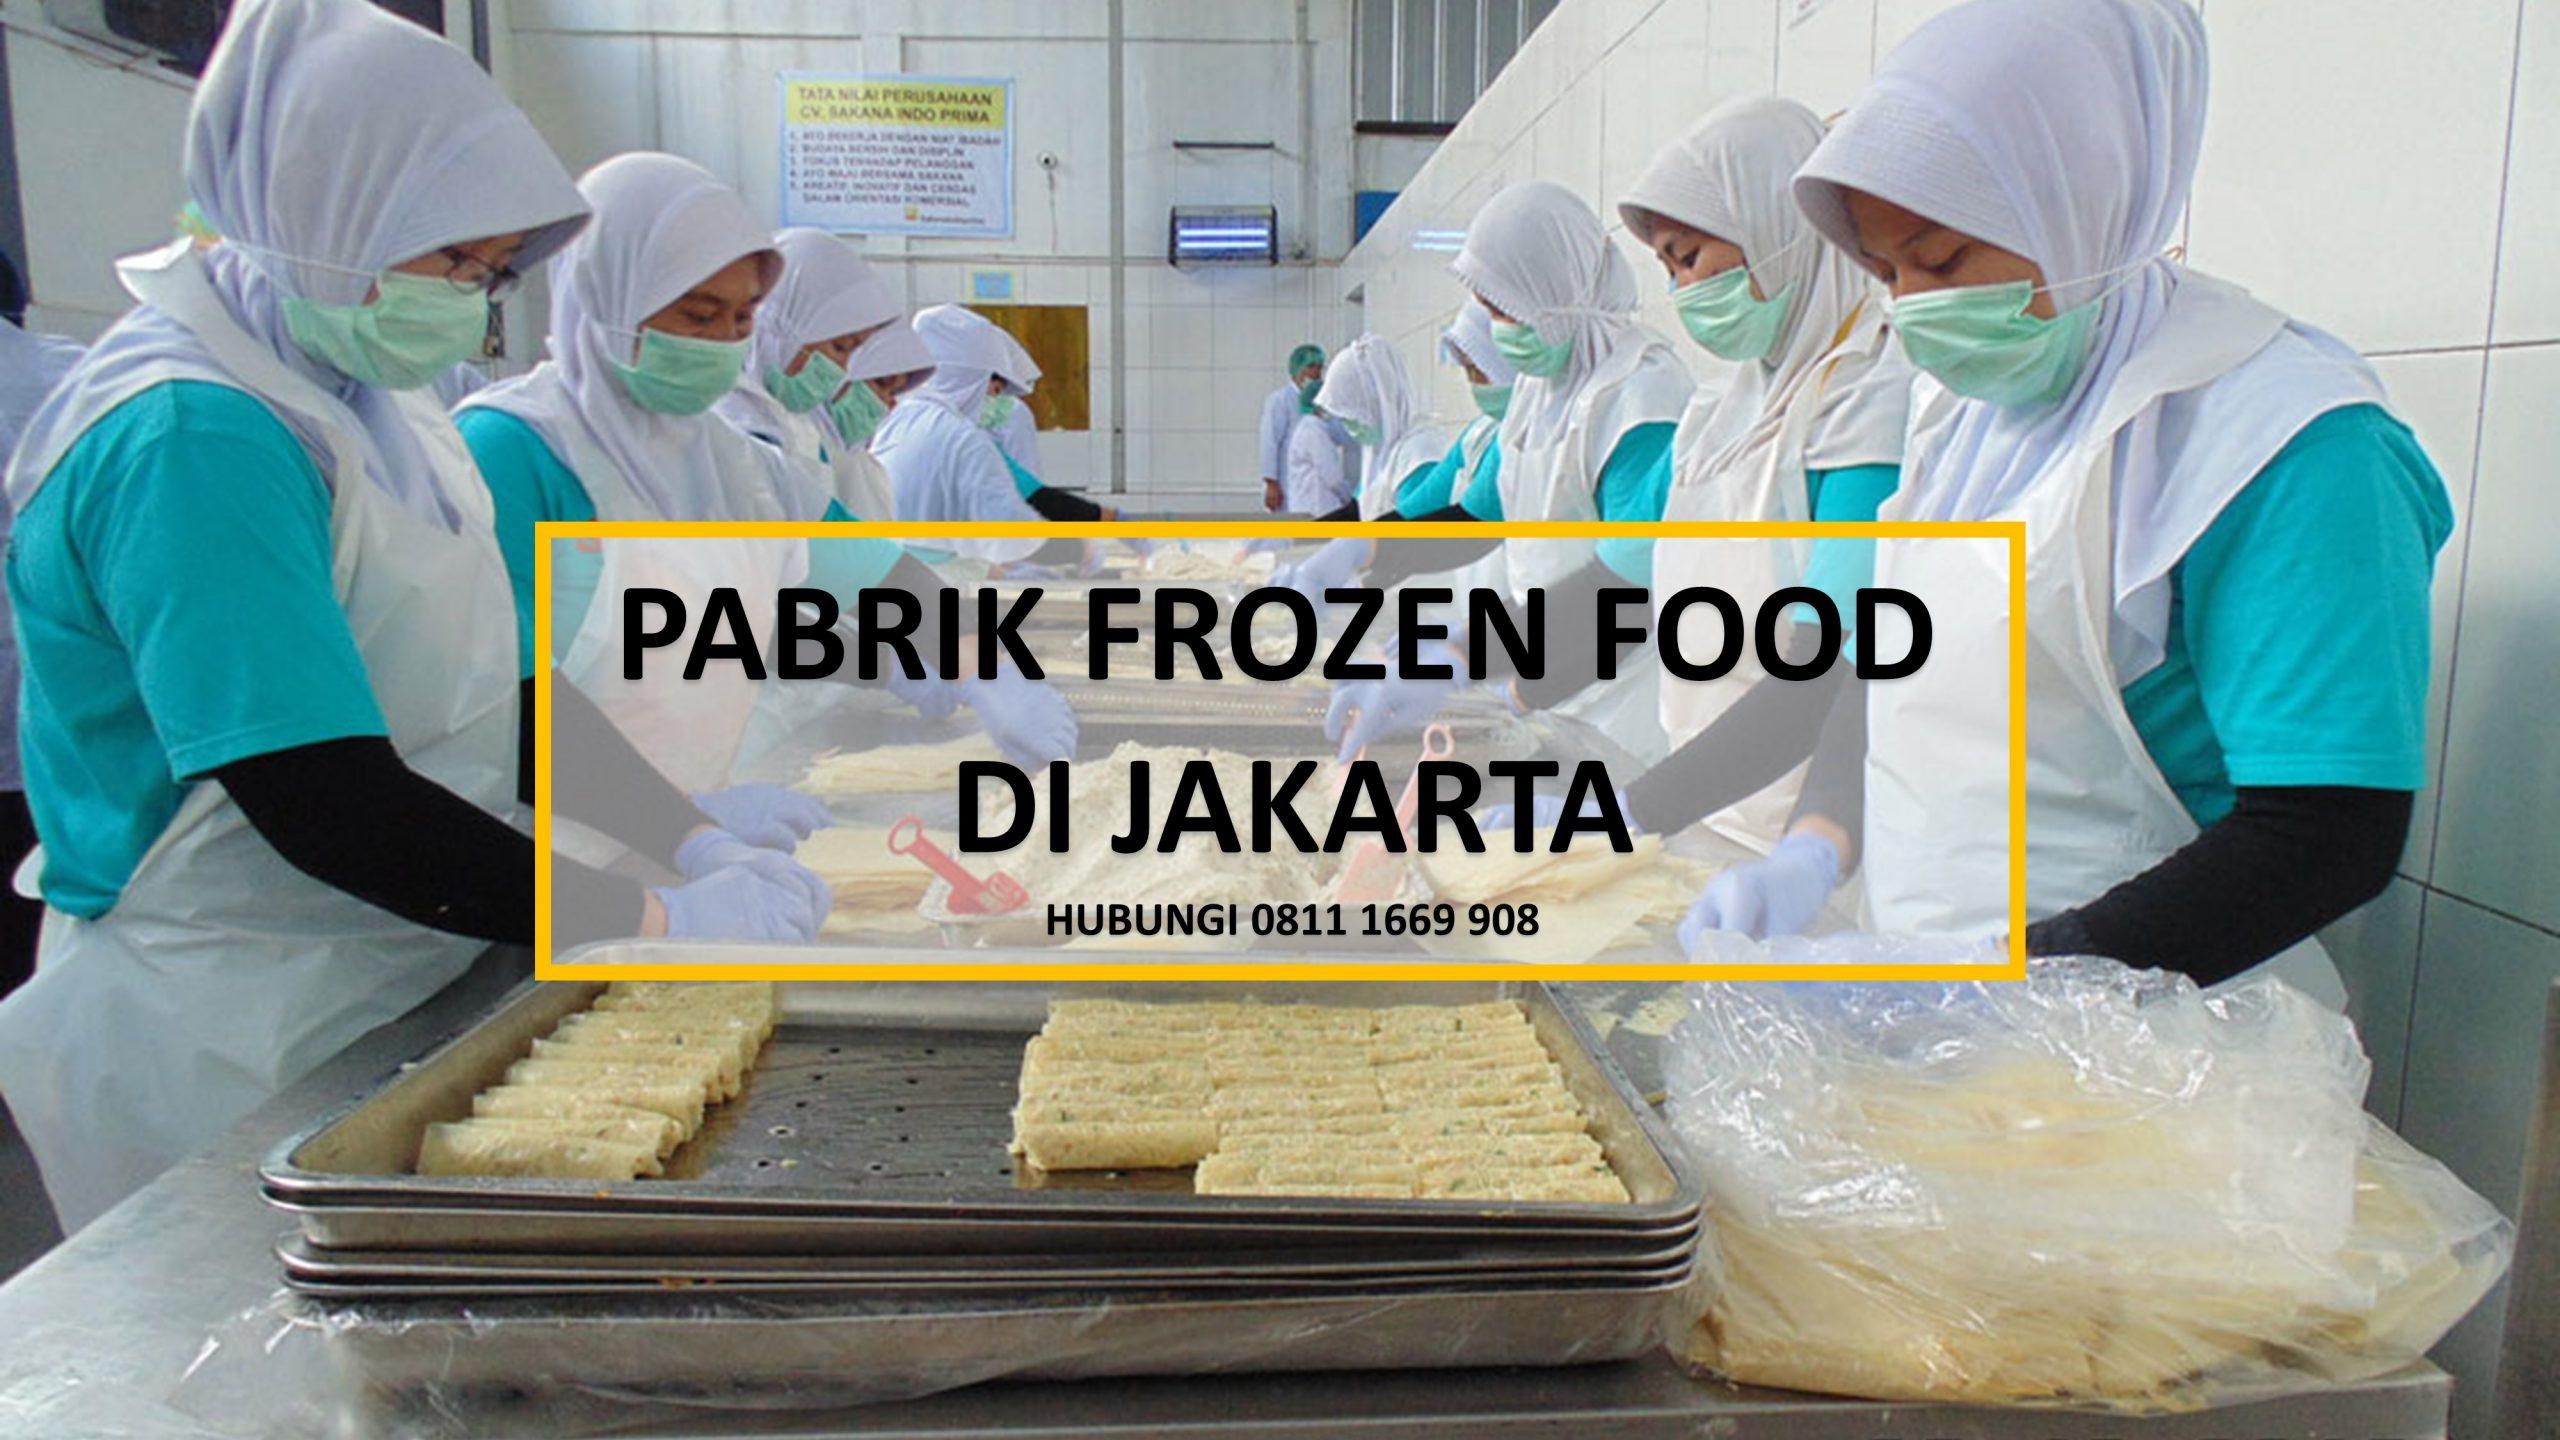 Pabrik Frozen Food Di Jakarta Hub 0811 1669 908